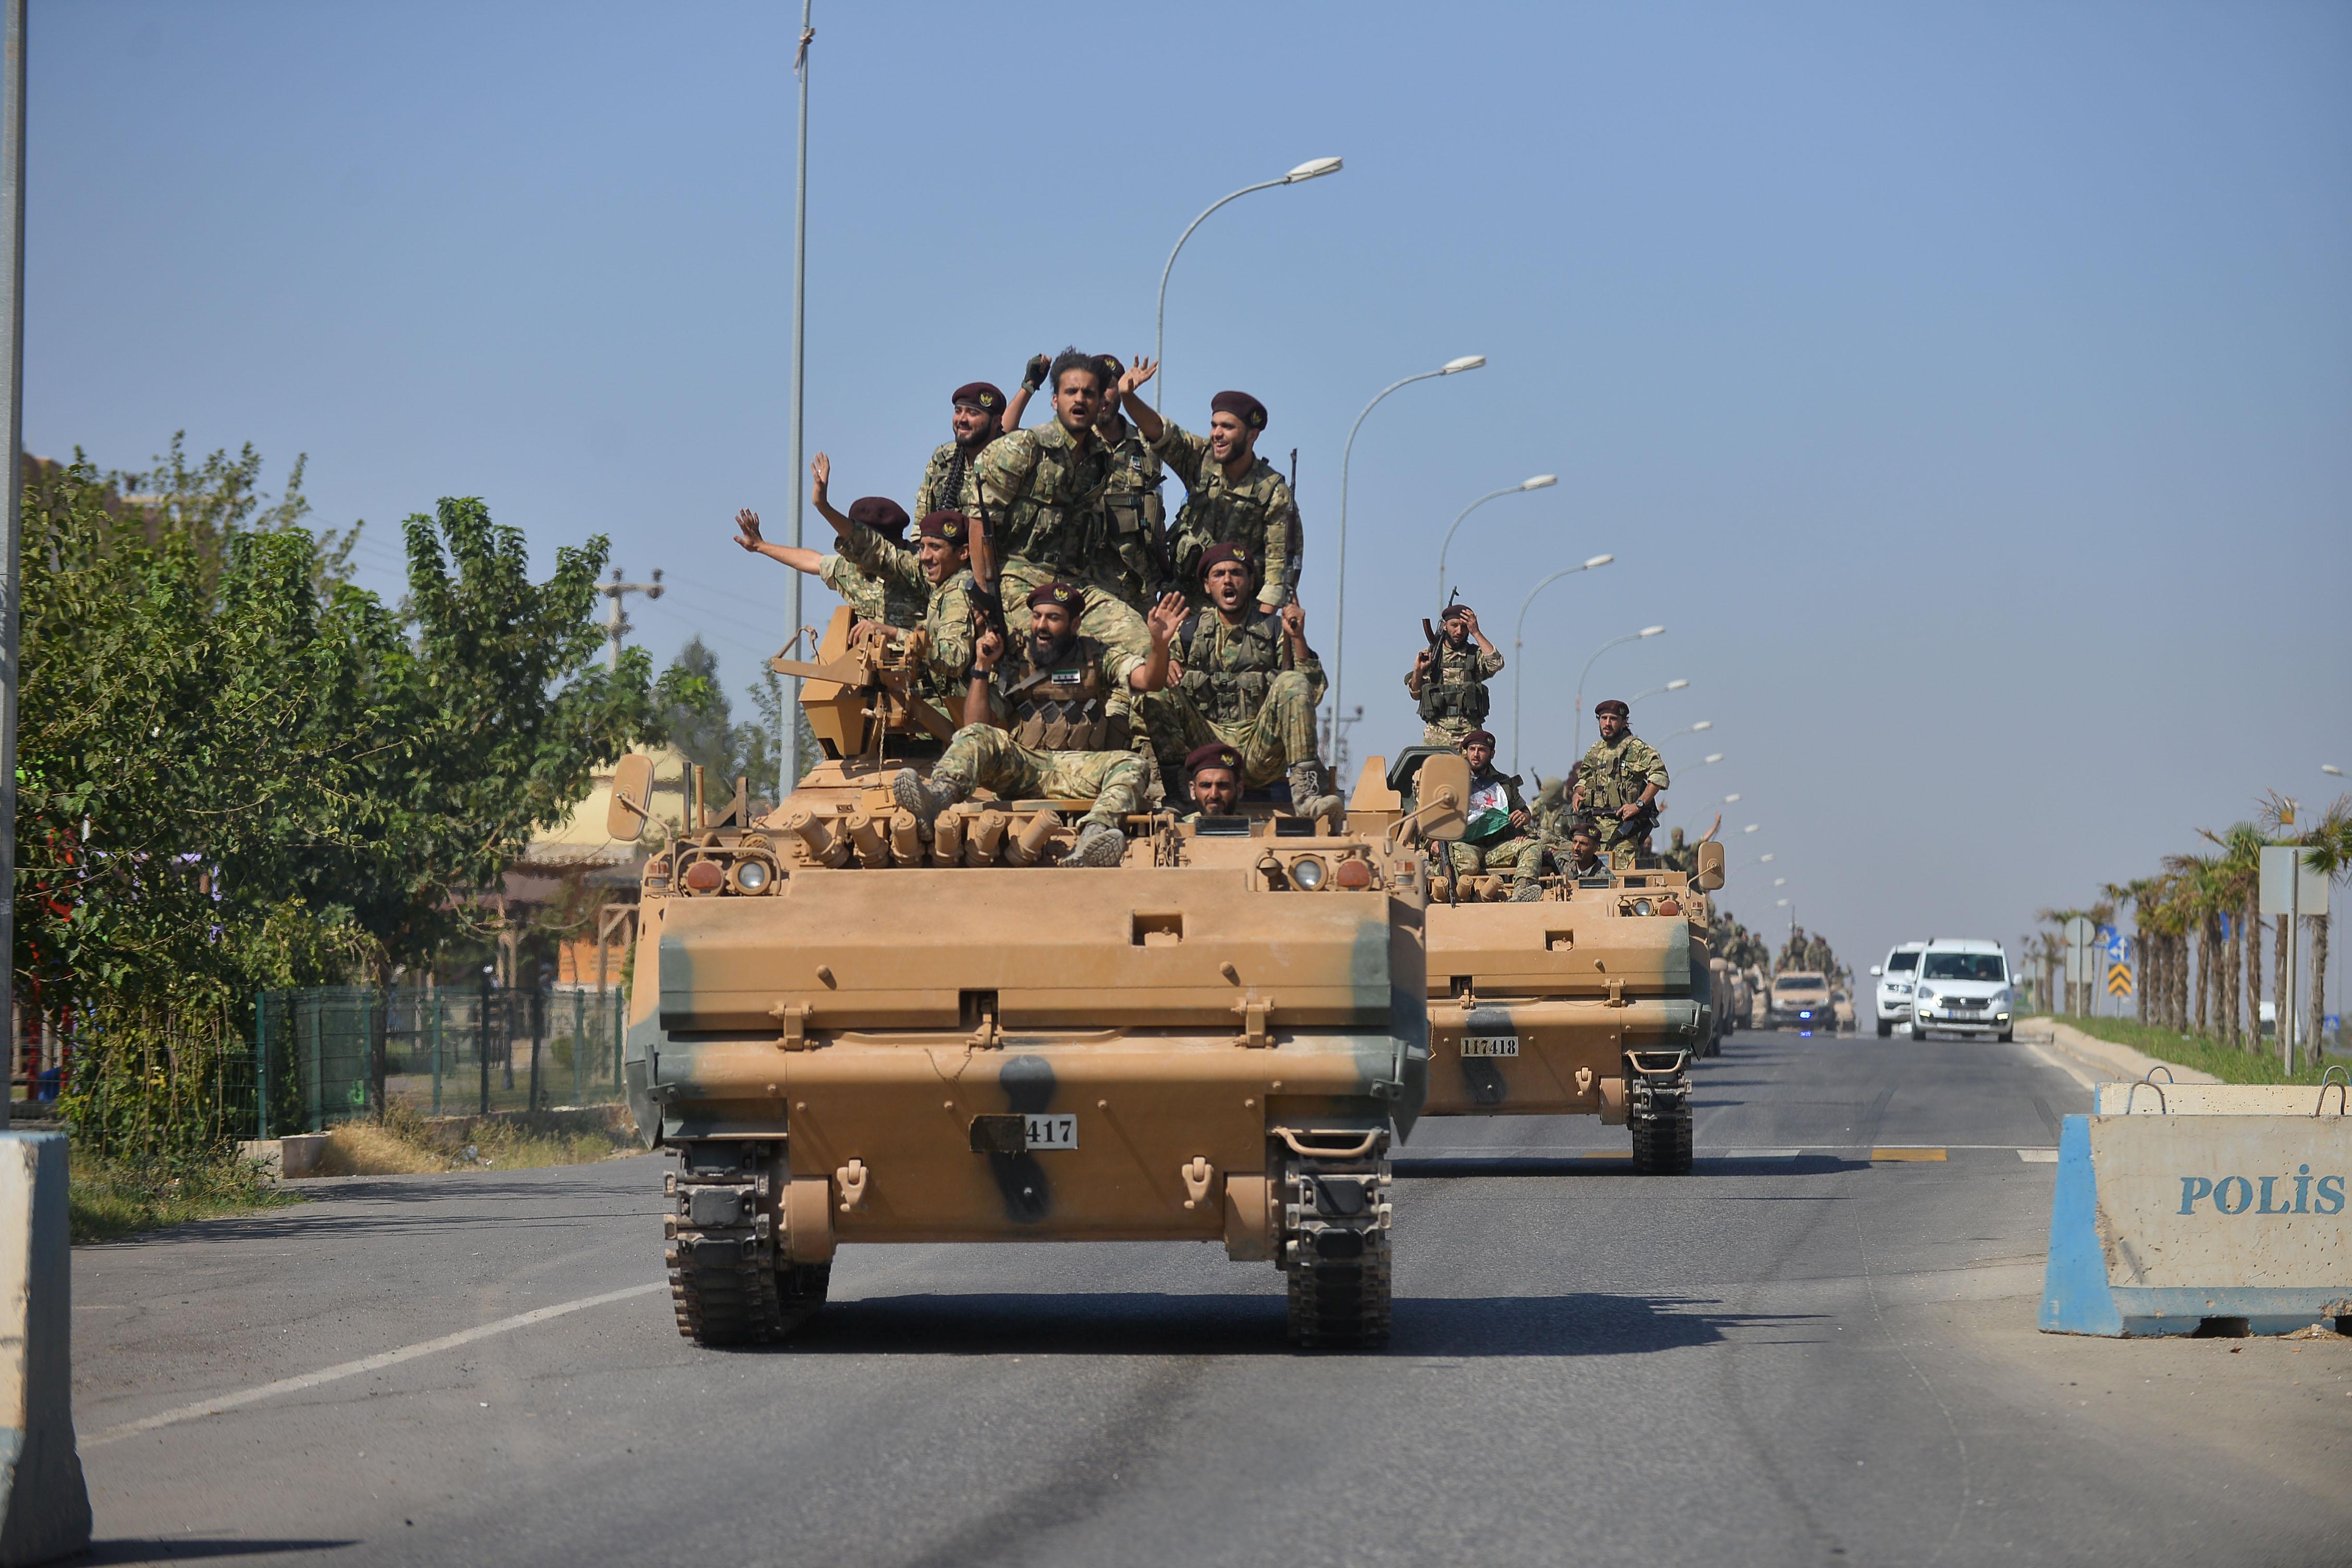 """""""Μπαμ"""" στην Συρία! Ο Άσαντ ξεκινά πόλεμο με την Τουρκία - Συμμάχησε με τους Κούρδους - Αναπτύσσονται ήδη τα στρατεύματα"""